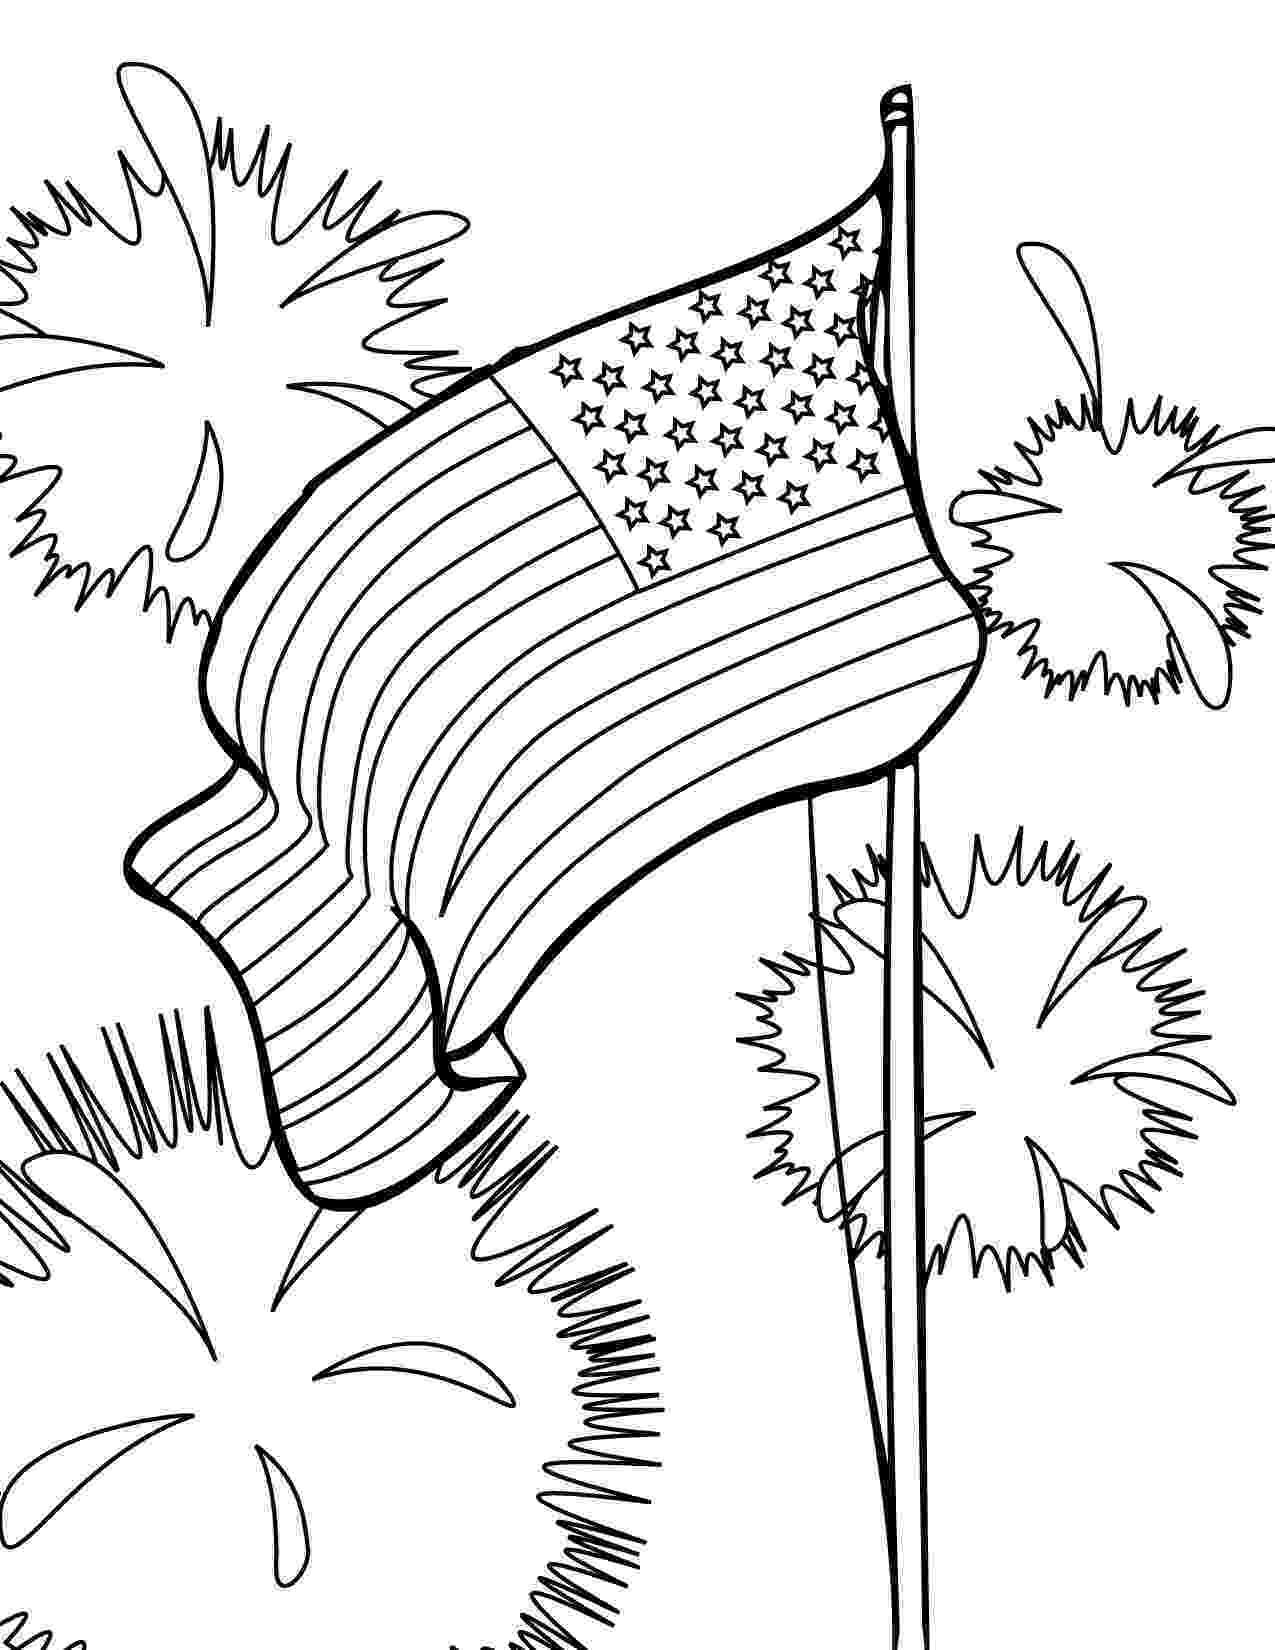 free printable coloring pages 4th of july ausmalbilder für kinder malvorlagen und malbuch 4th of free coloring 4th pages july of printable